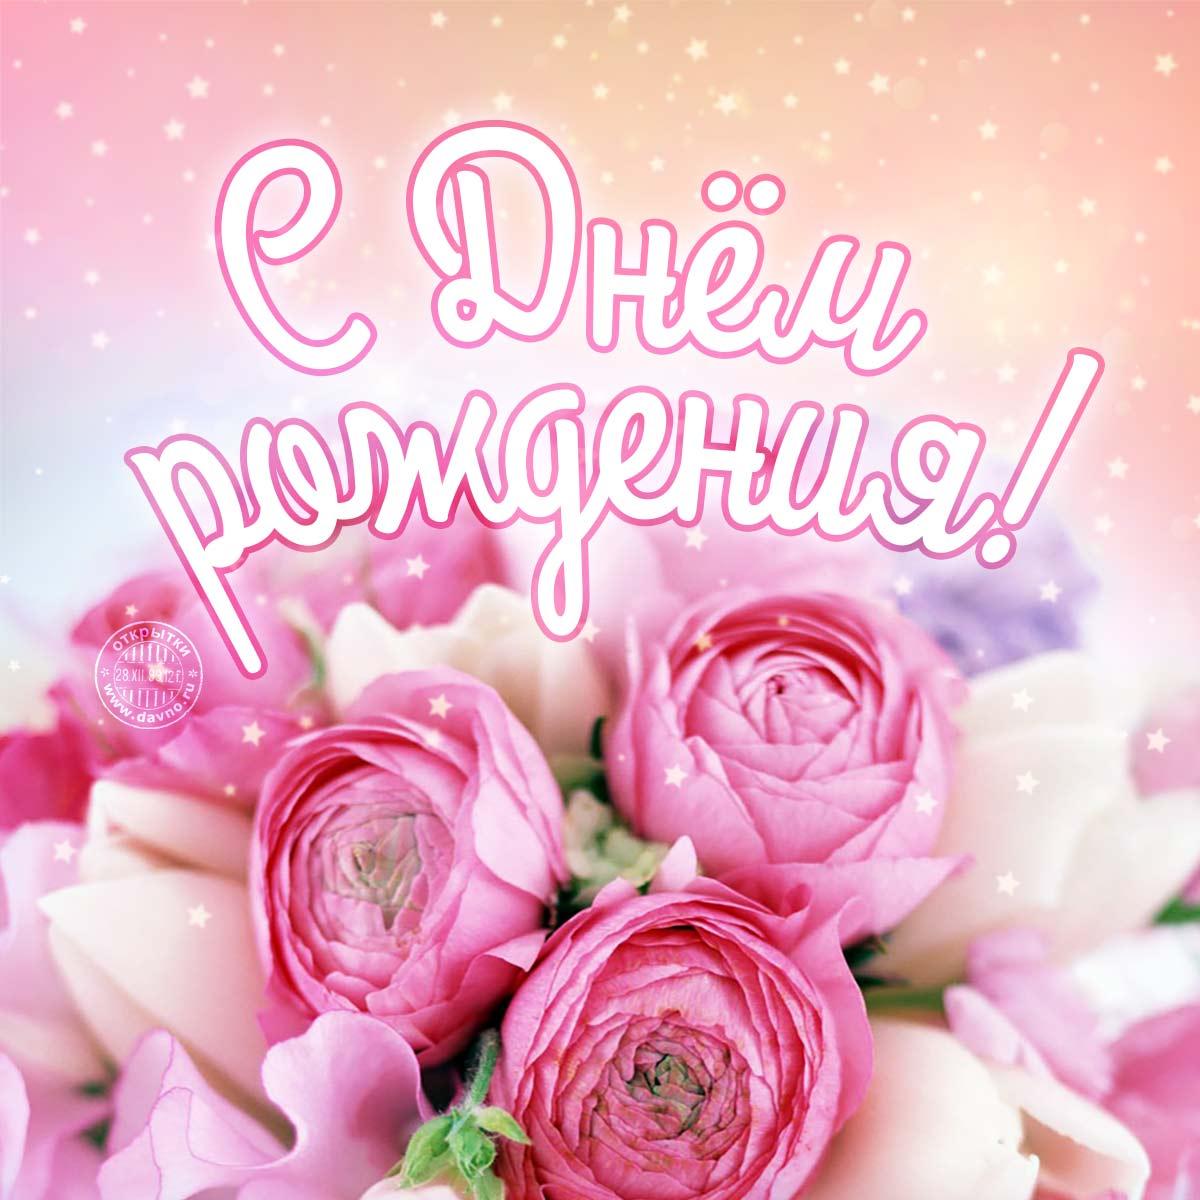 Лучшие открытки с днем рождения женщине в сентябре (5)